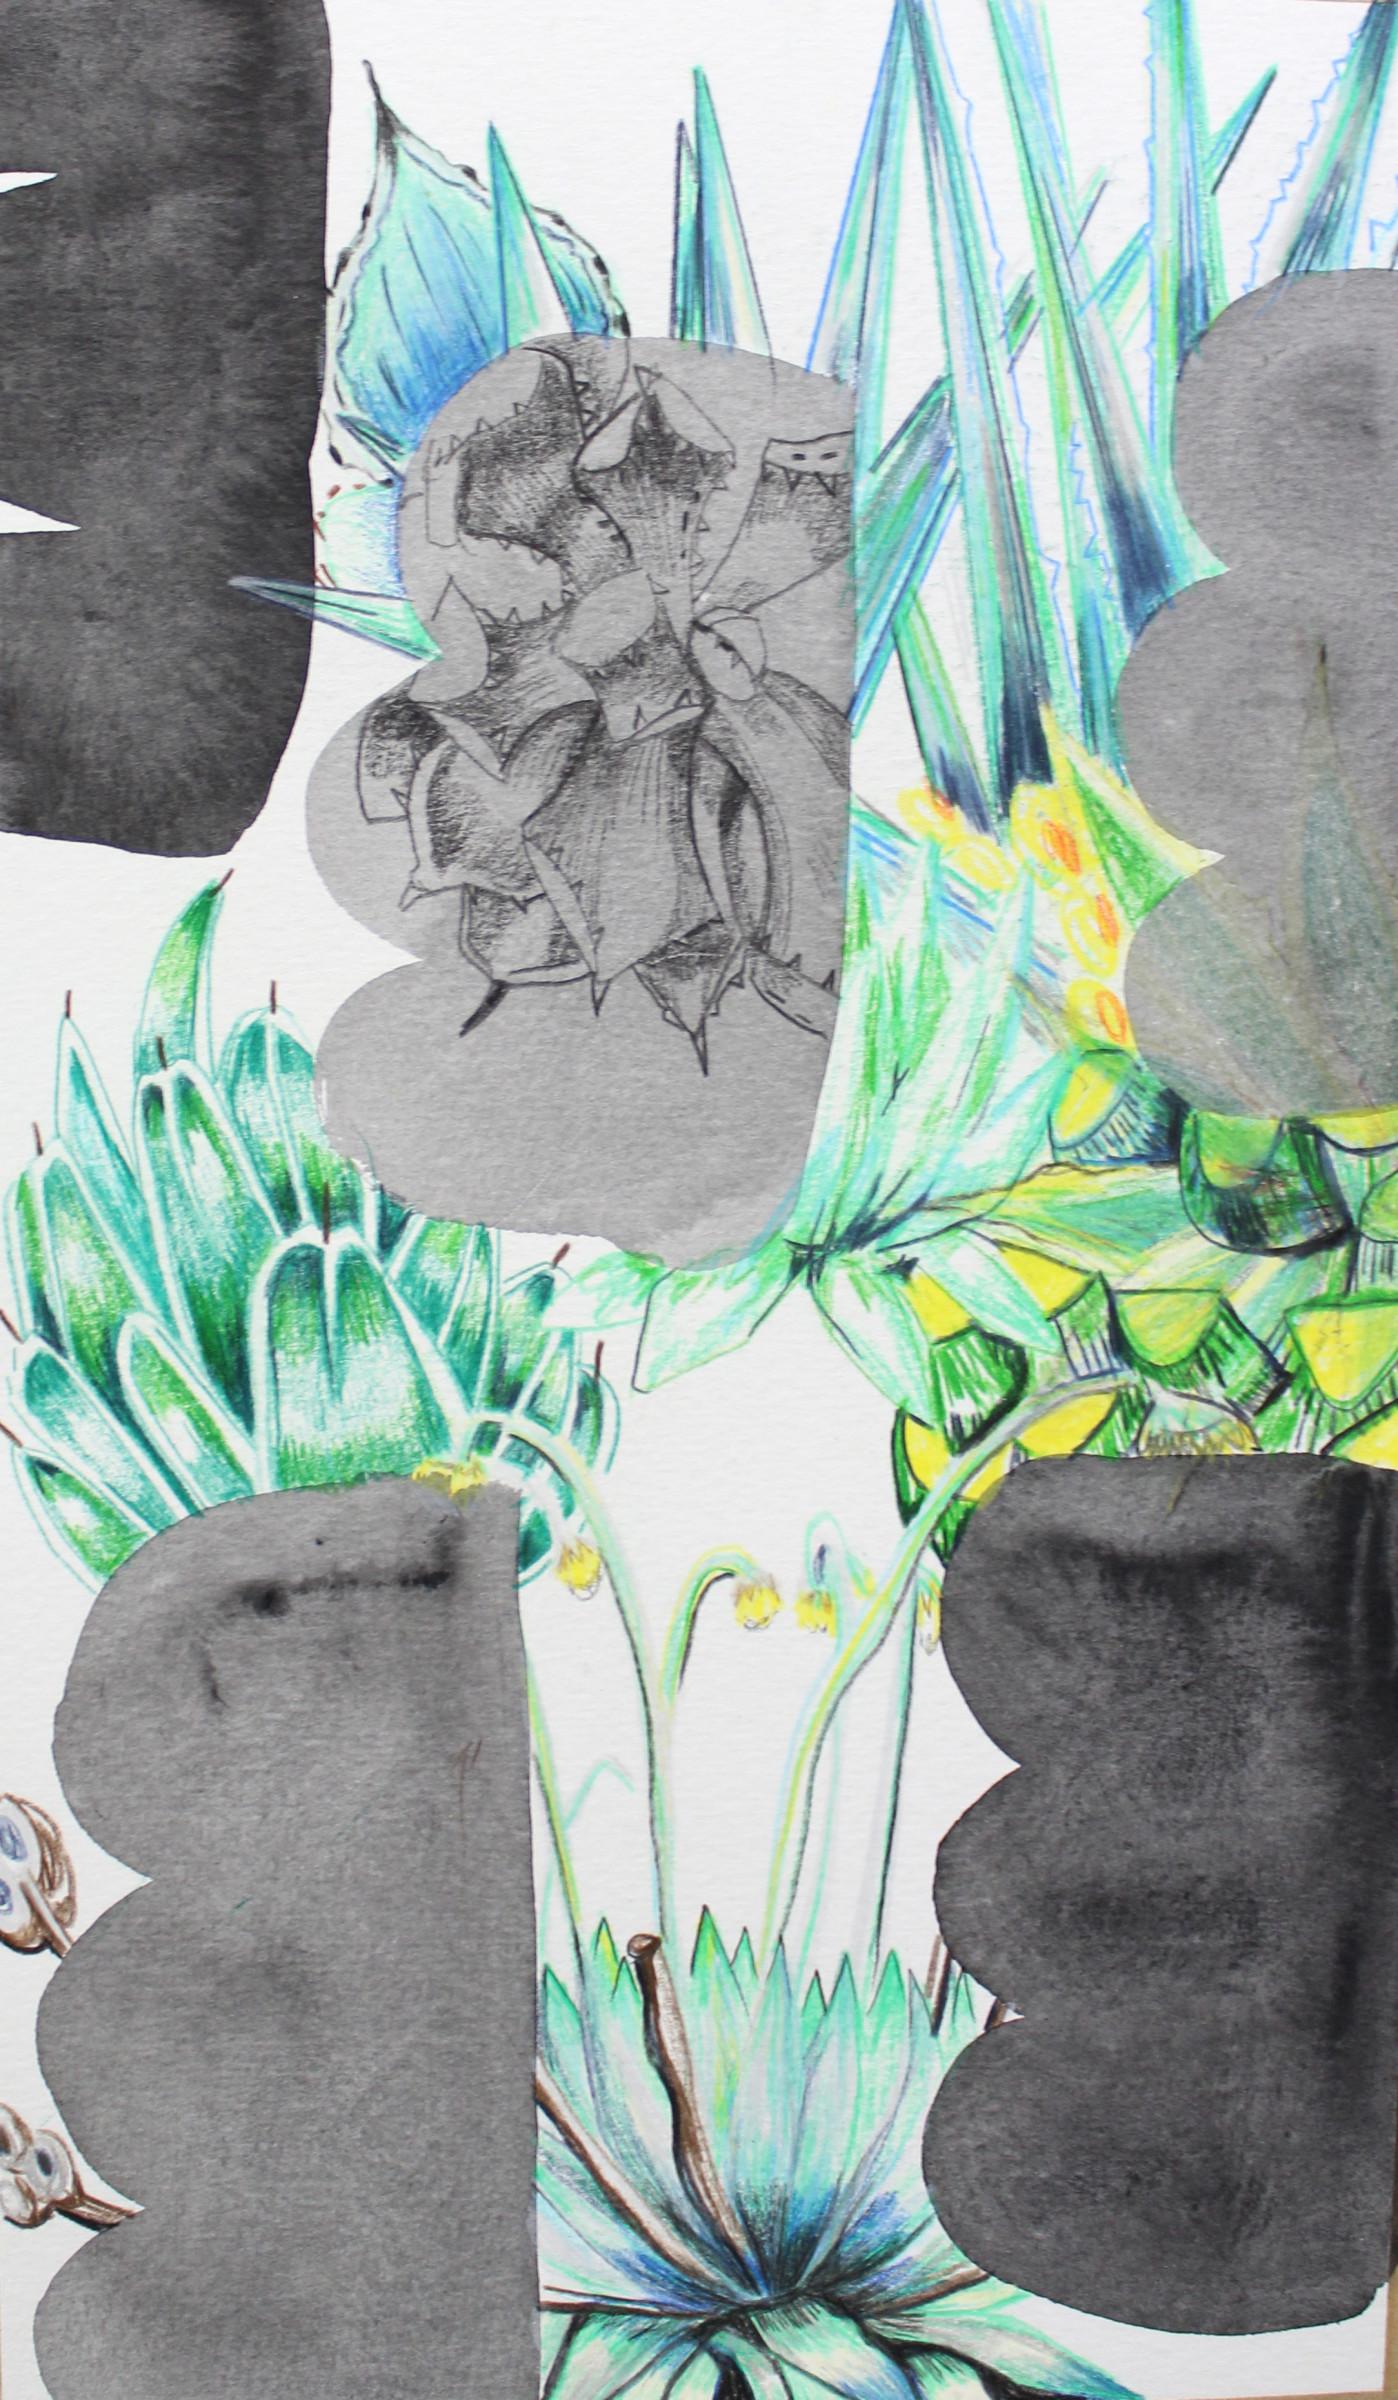 <span class=&#34;link fancybox-details-link&#34;><a href=&#34;/artists/51-florentine-%26-alexandre-lamarche-ovize/works/9600/&#34;>View Detail Page</a></span><div class=&#34;artist&#34;><strong>Florentine & Alexandre LAMARCHE-OVIZE</strong></div> <div class=&#34;title&#34;><em>Elisée, un herbier</em>, 2018</div> <div class=&#34;medium&#34;>Mixed media on paper</div> <div class=&#34;dimensions&#34;>18 x 30 cm<br /> 7 1/8 x 11 3/4 in</div><div class=&#34;copyright_line&#34;>Copyright The Artist</div>